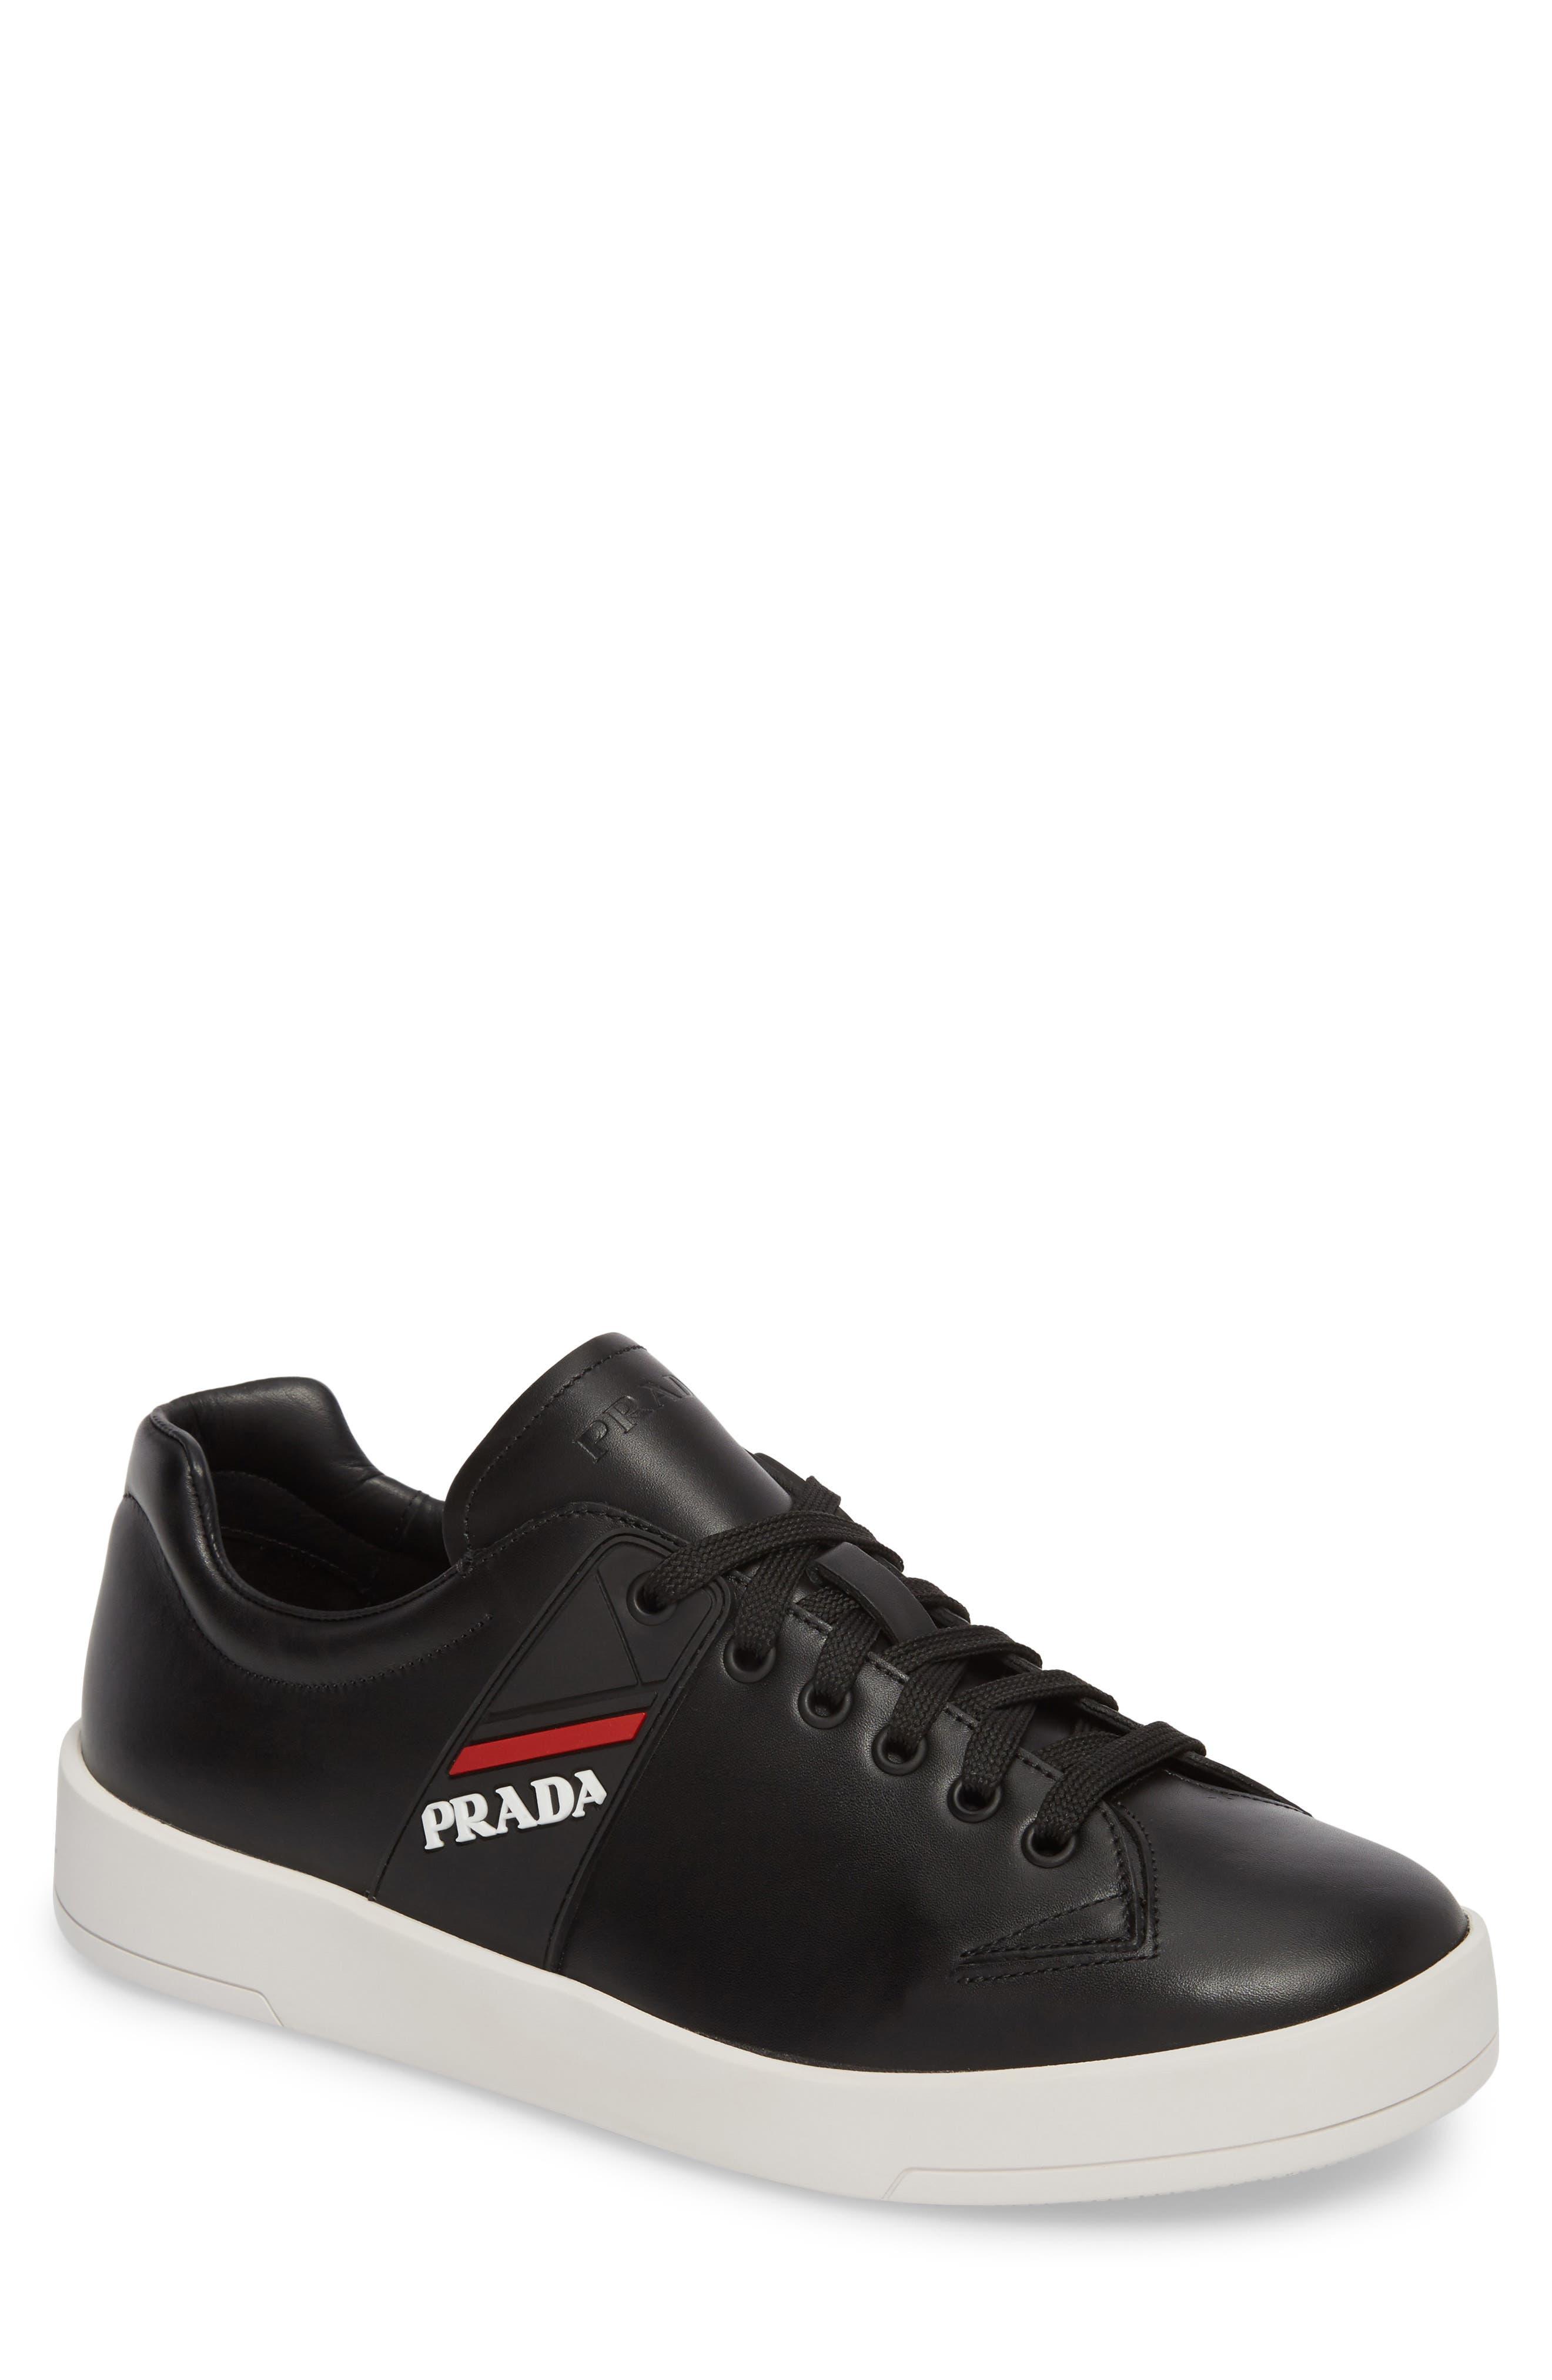 Linea Rossa Sneaker,                         Main,                         color, Nero Bianco